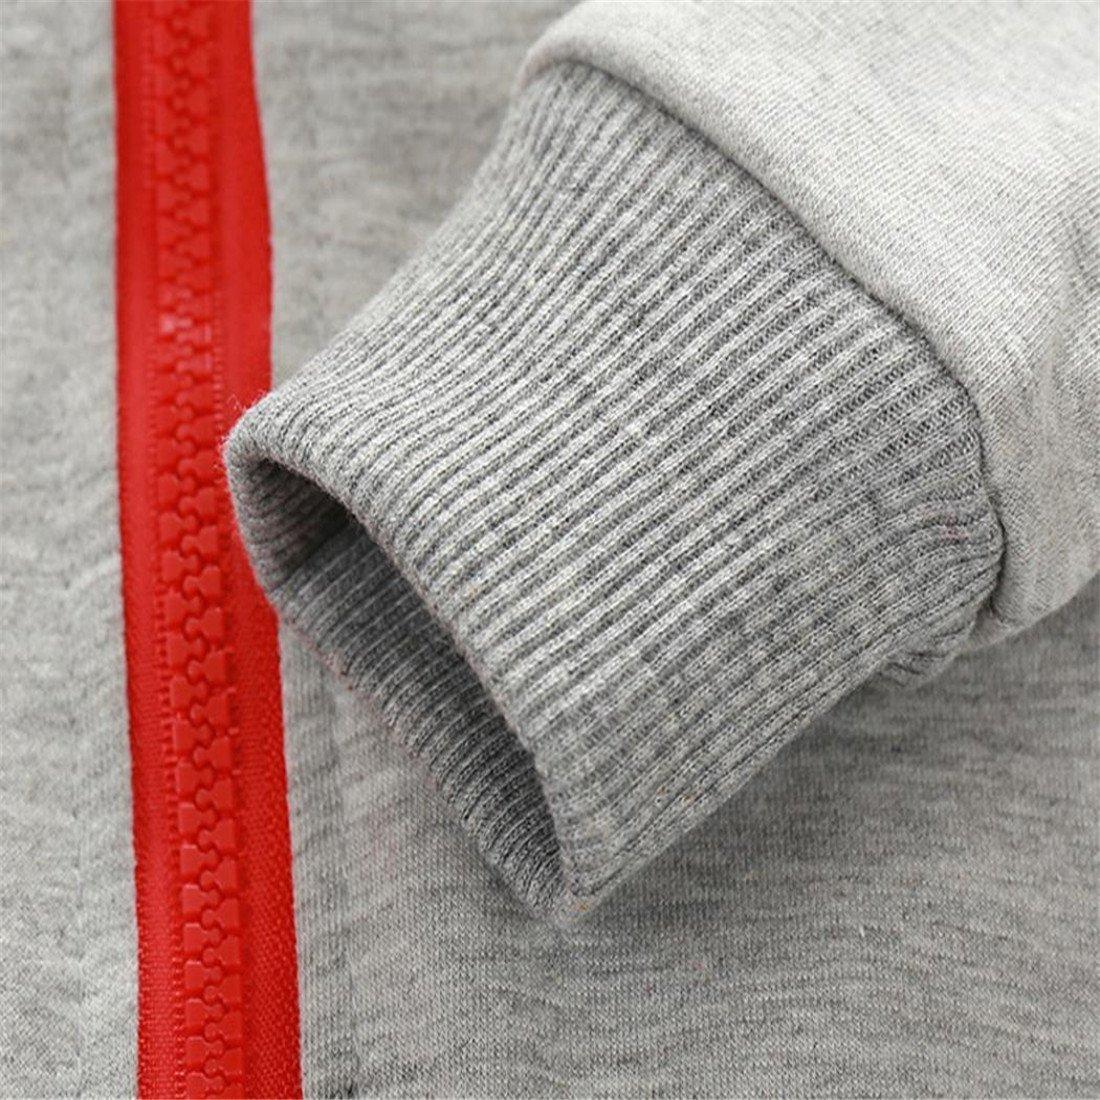 Mantel Jacke Kapuze Reißverschluss Kleidung 0-3 Jahre Oberbekleidung Kleinkind